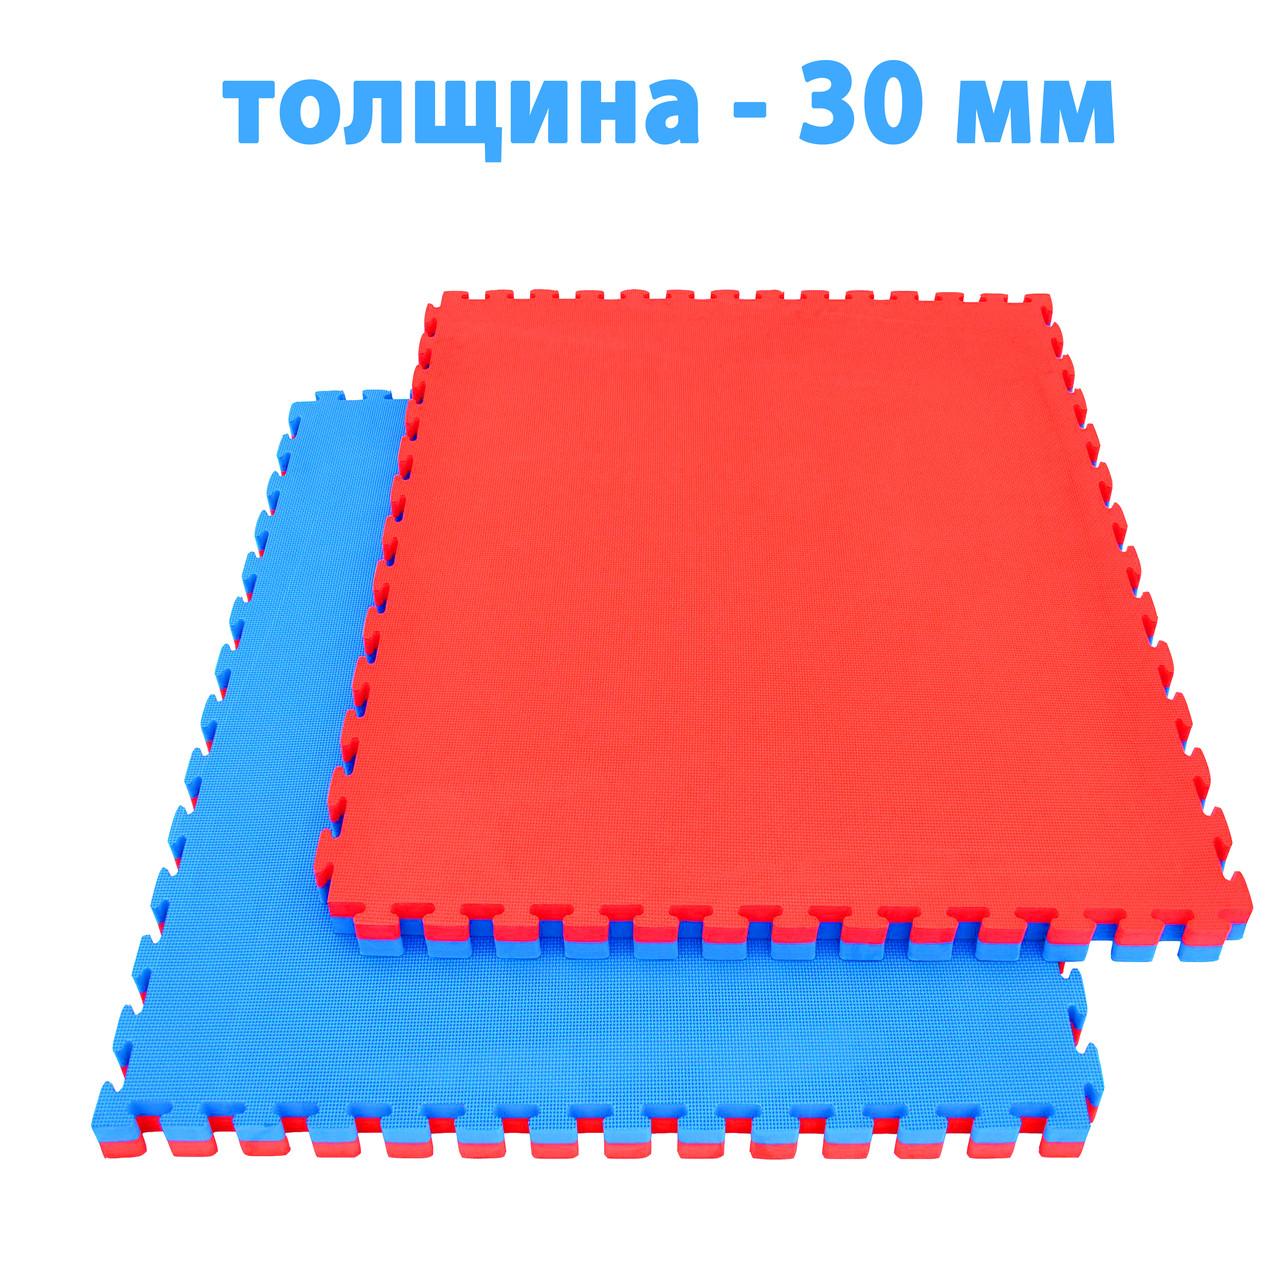 Спортивний мат (ТАТАМІ) 30 мм EVA (Туреччина), червоно-синій